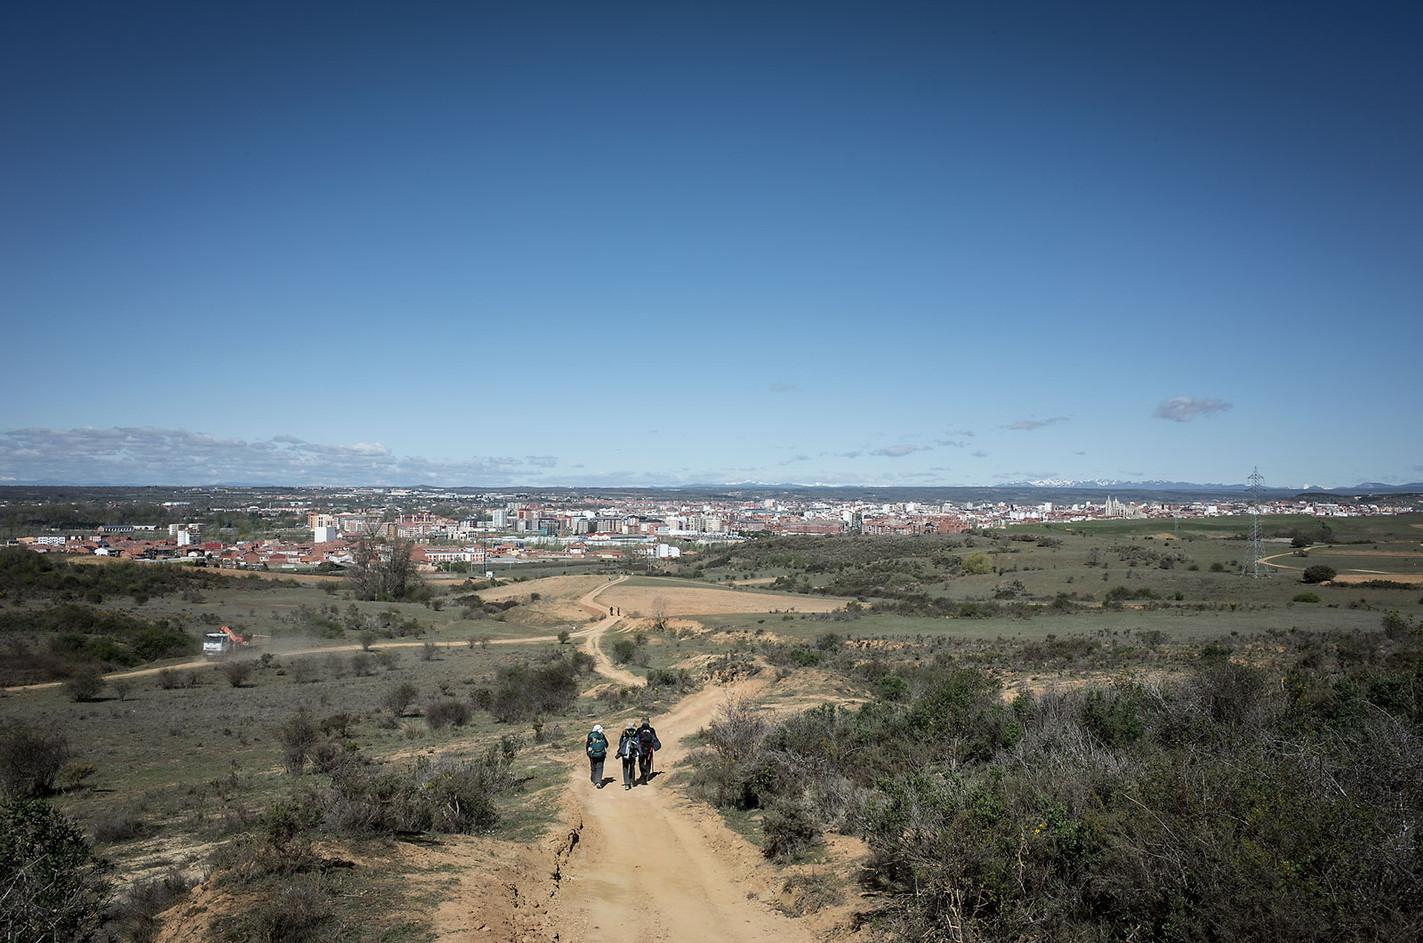 Pilgrims descending the route into León.